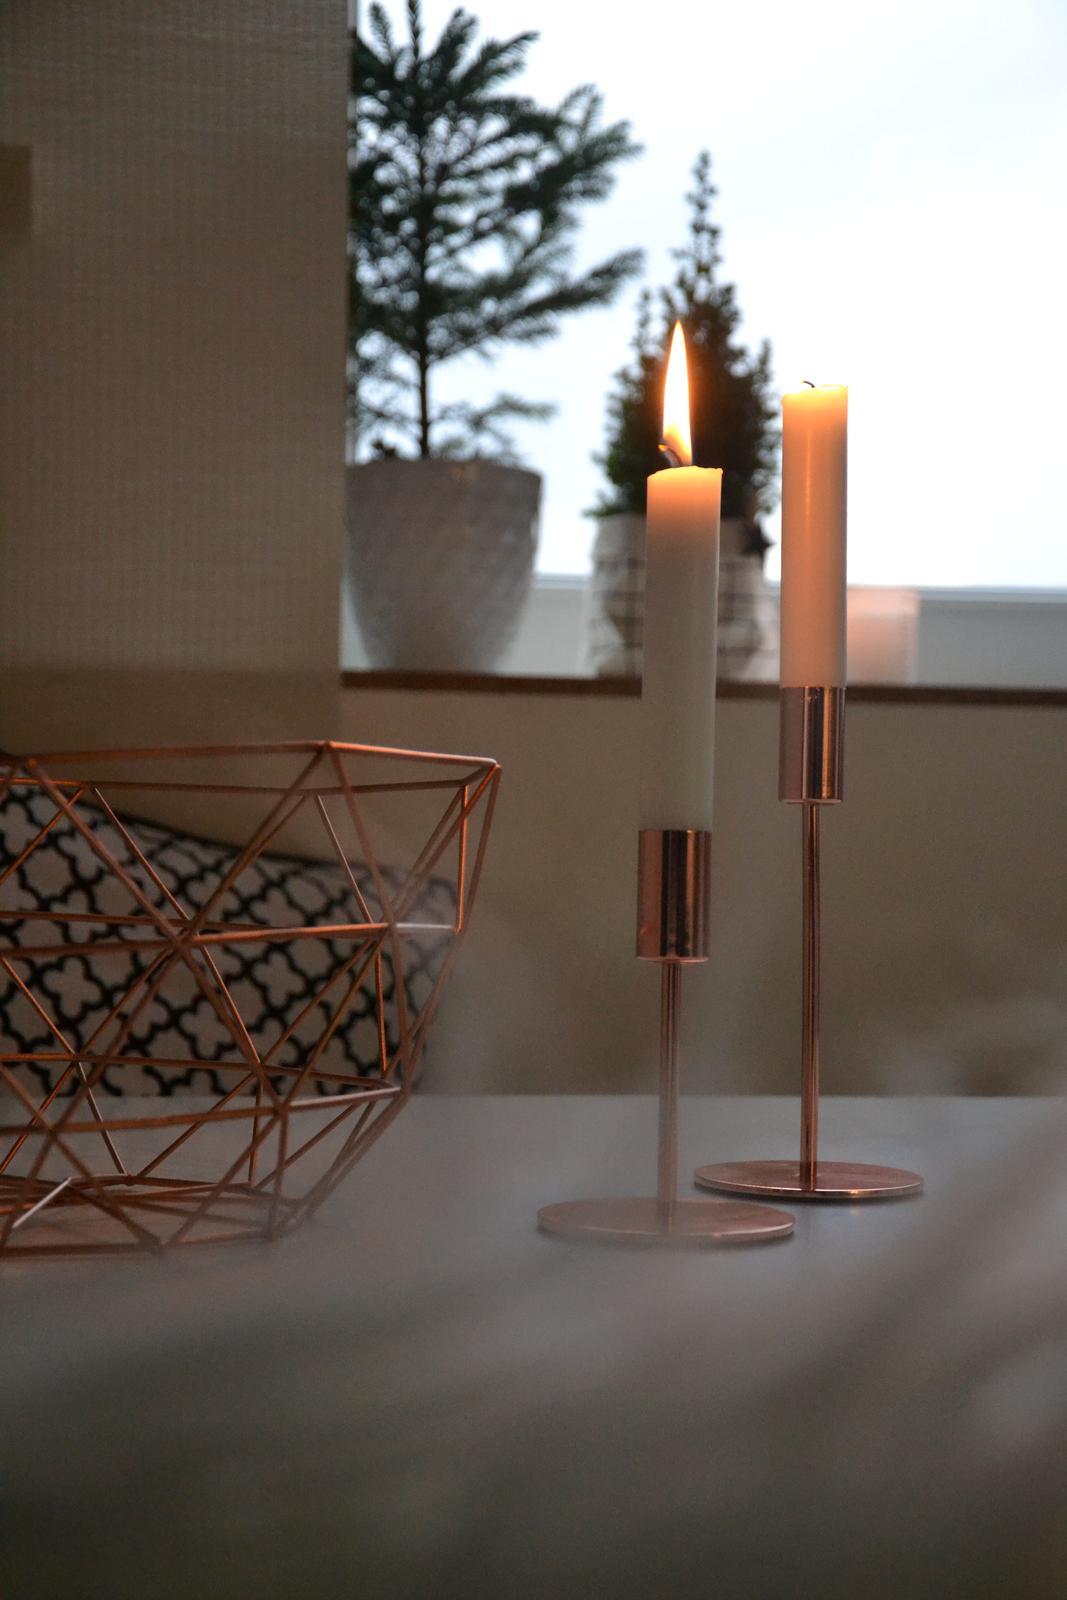 U nás doma v paneláku II. - Svícny z jysku mi krásně doplnily mísu z kiku....někdy nemusí být věci drahé, aby byly hezké